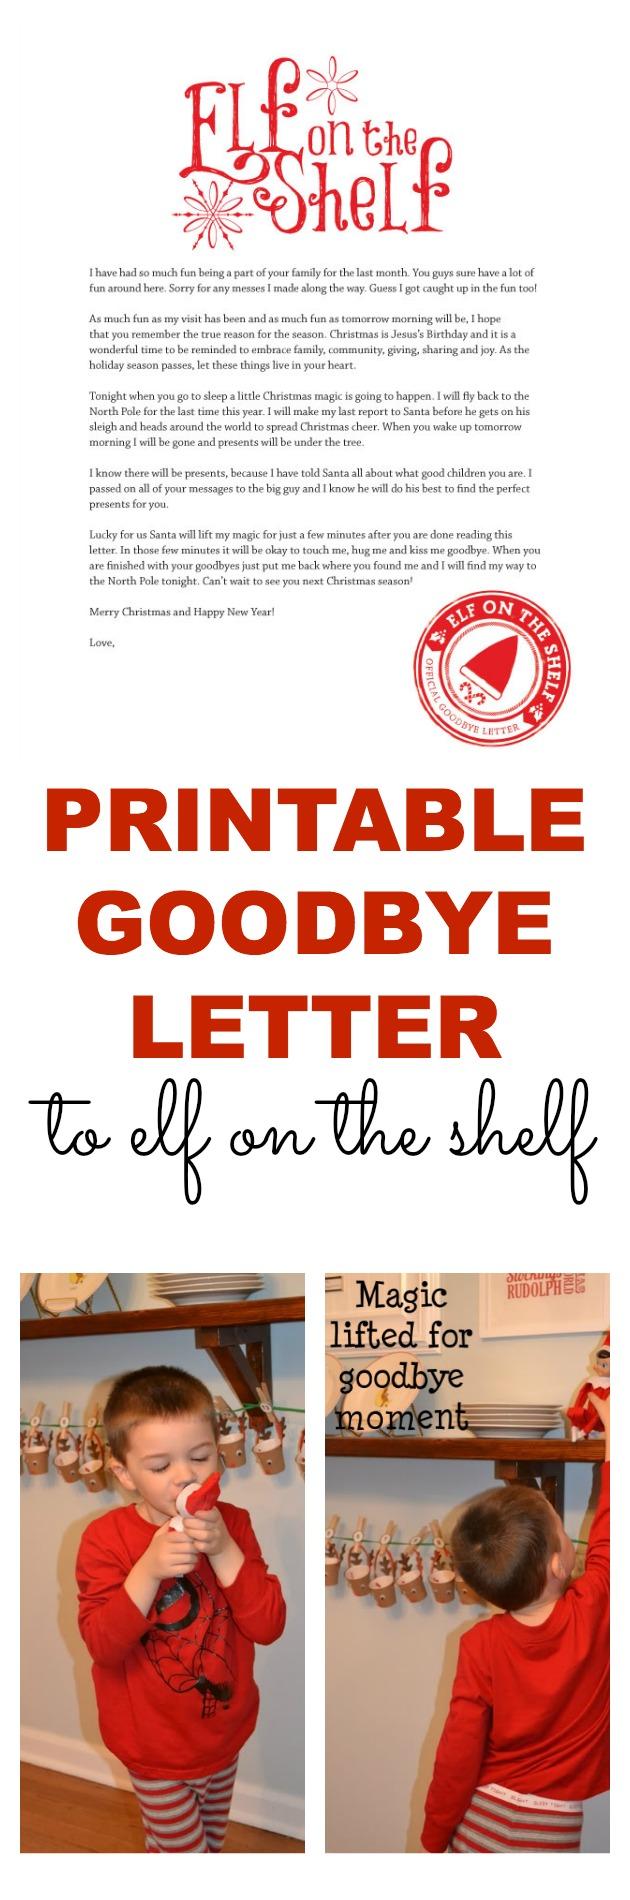 printable-goodbye-letter-for-elf-on-the-shelf